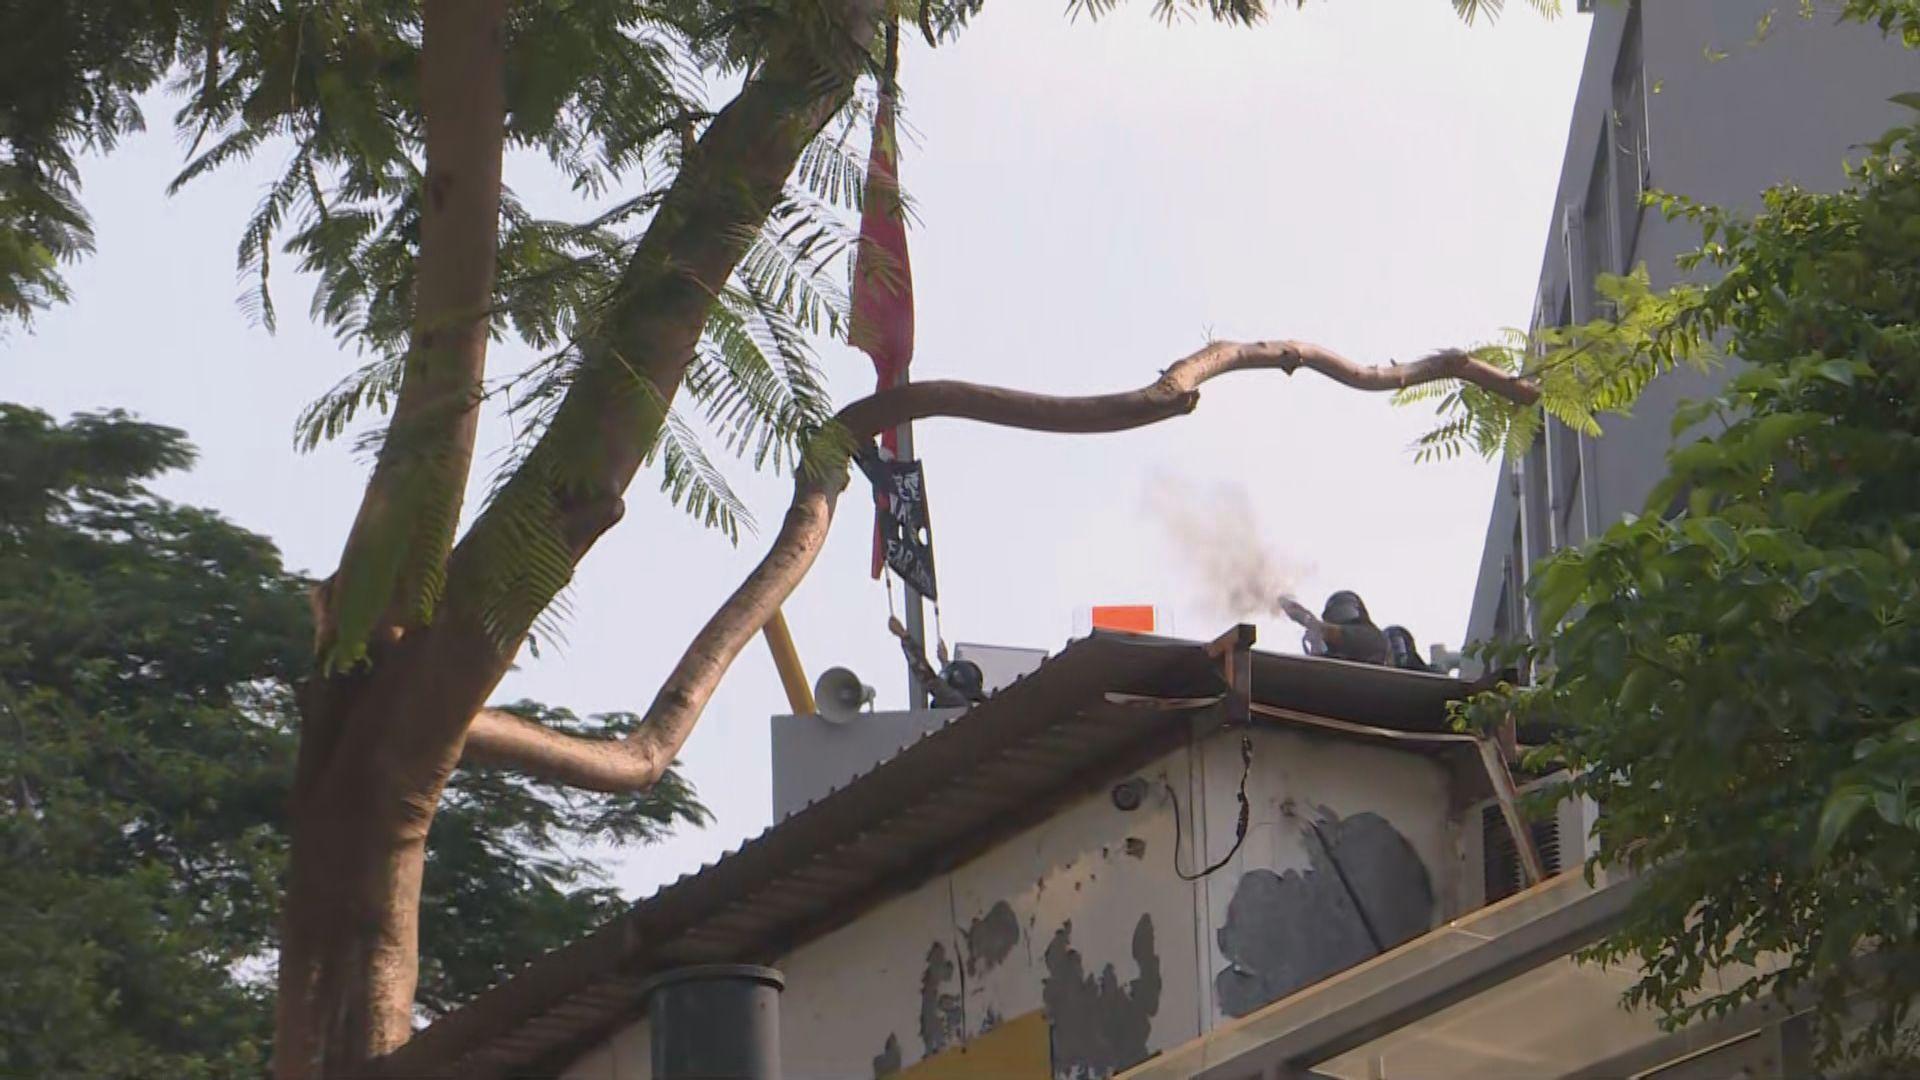 尖沙咀警署外對峙 警放催淚彈示威者擲汽油彈